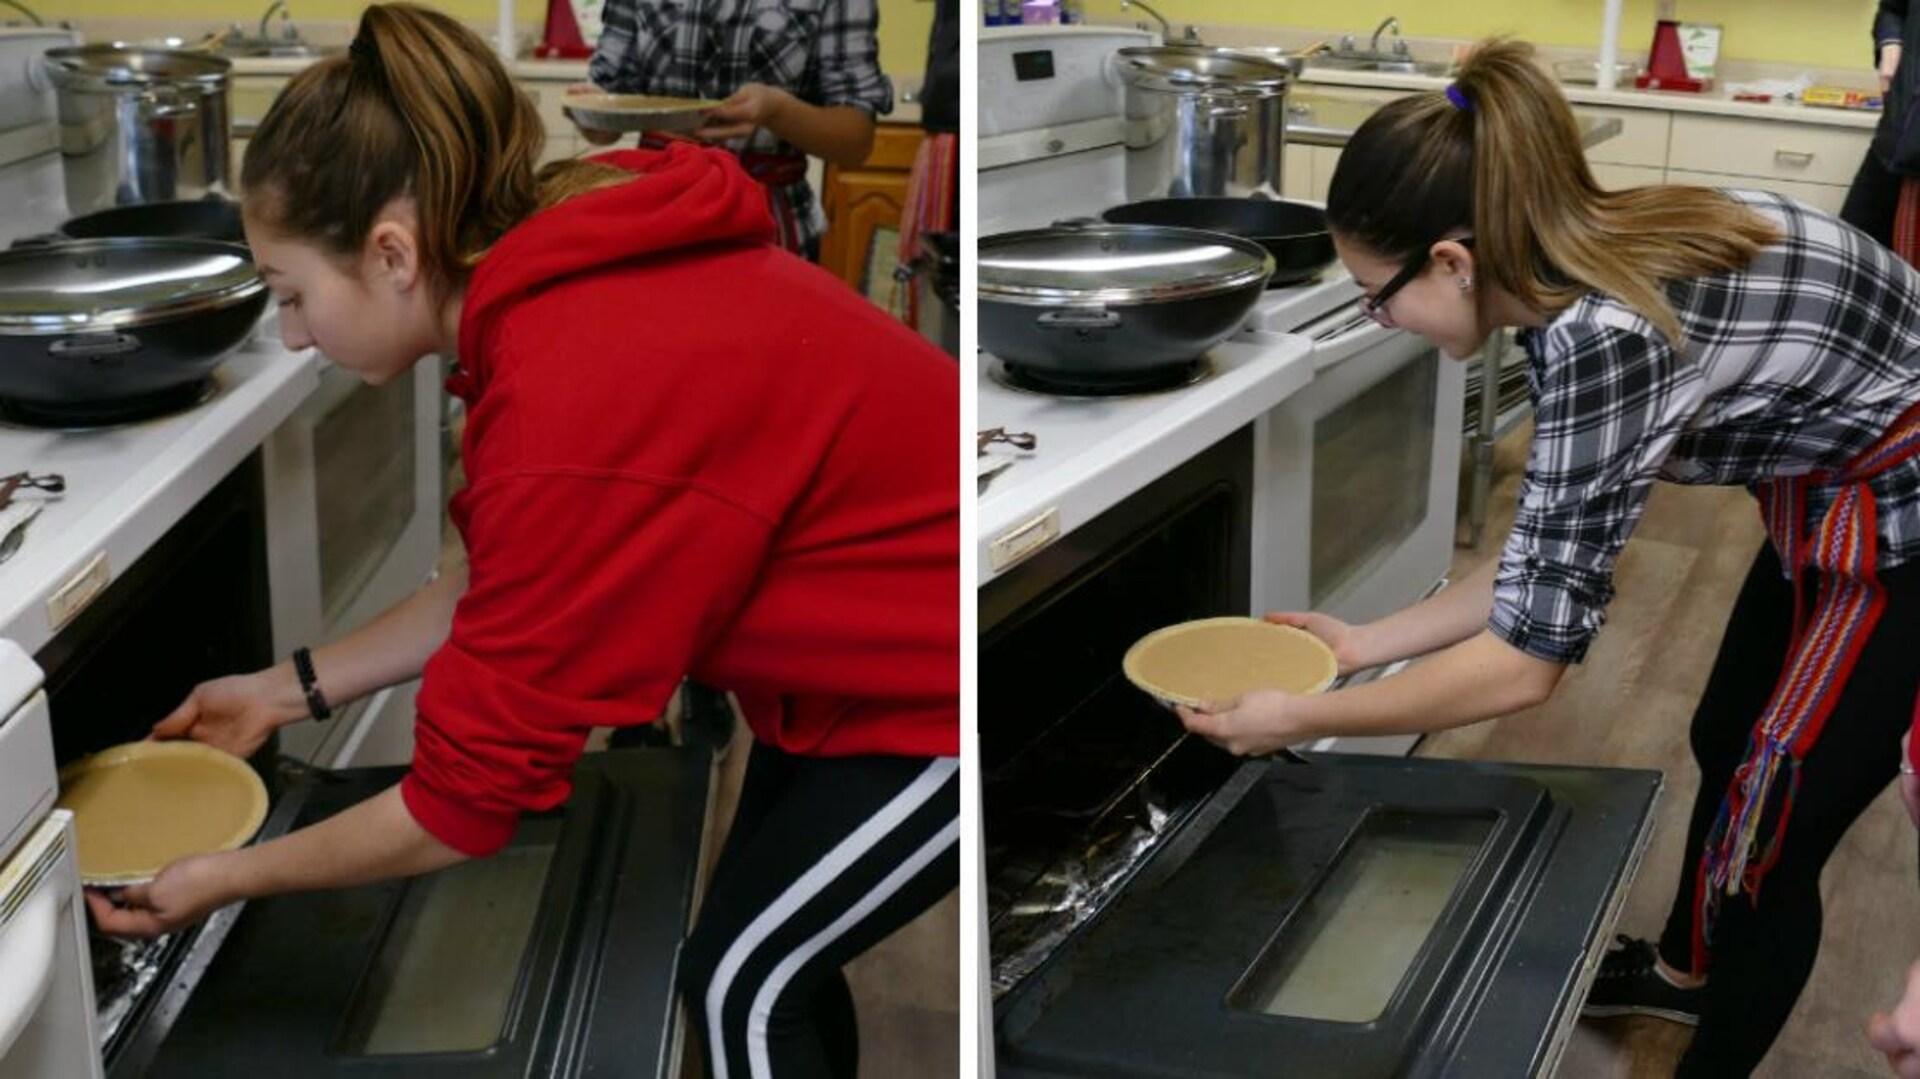 Paris et Perle déposent les tartes dans le four pour les faire cuire.